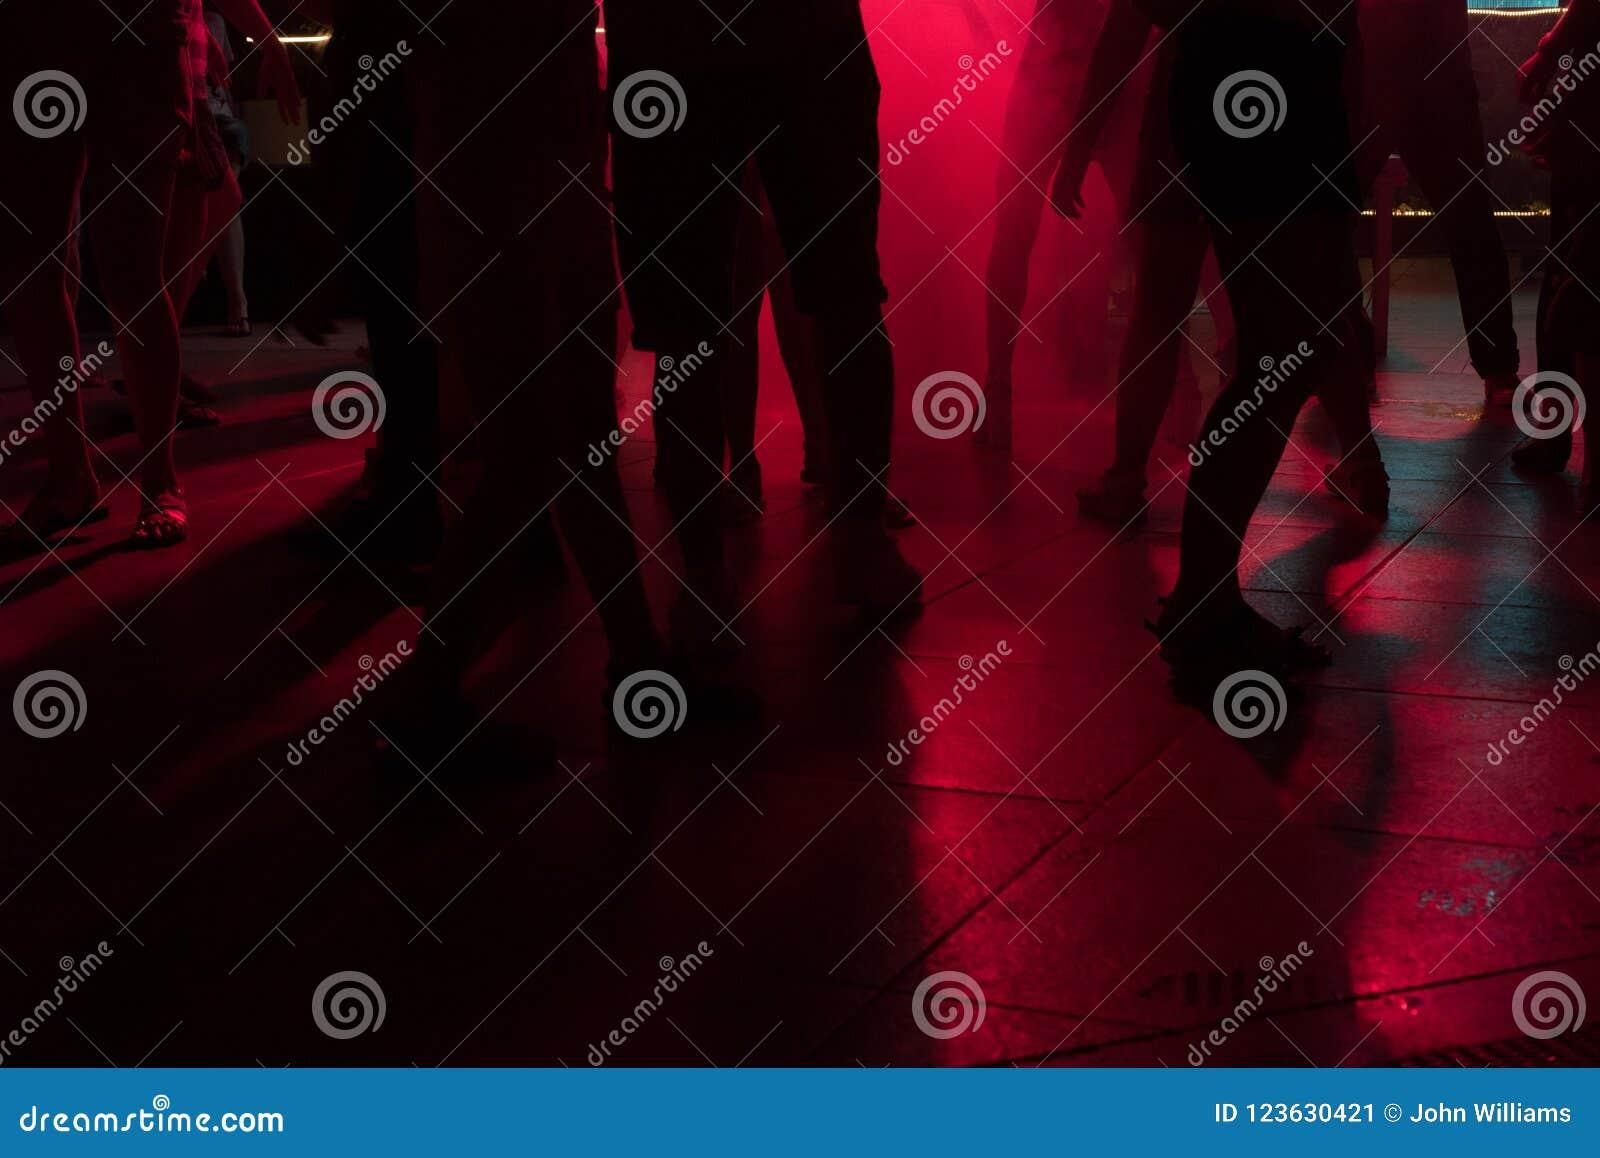 Ночной клуб ноги клуб ночные волки москва фото